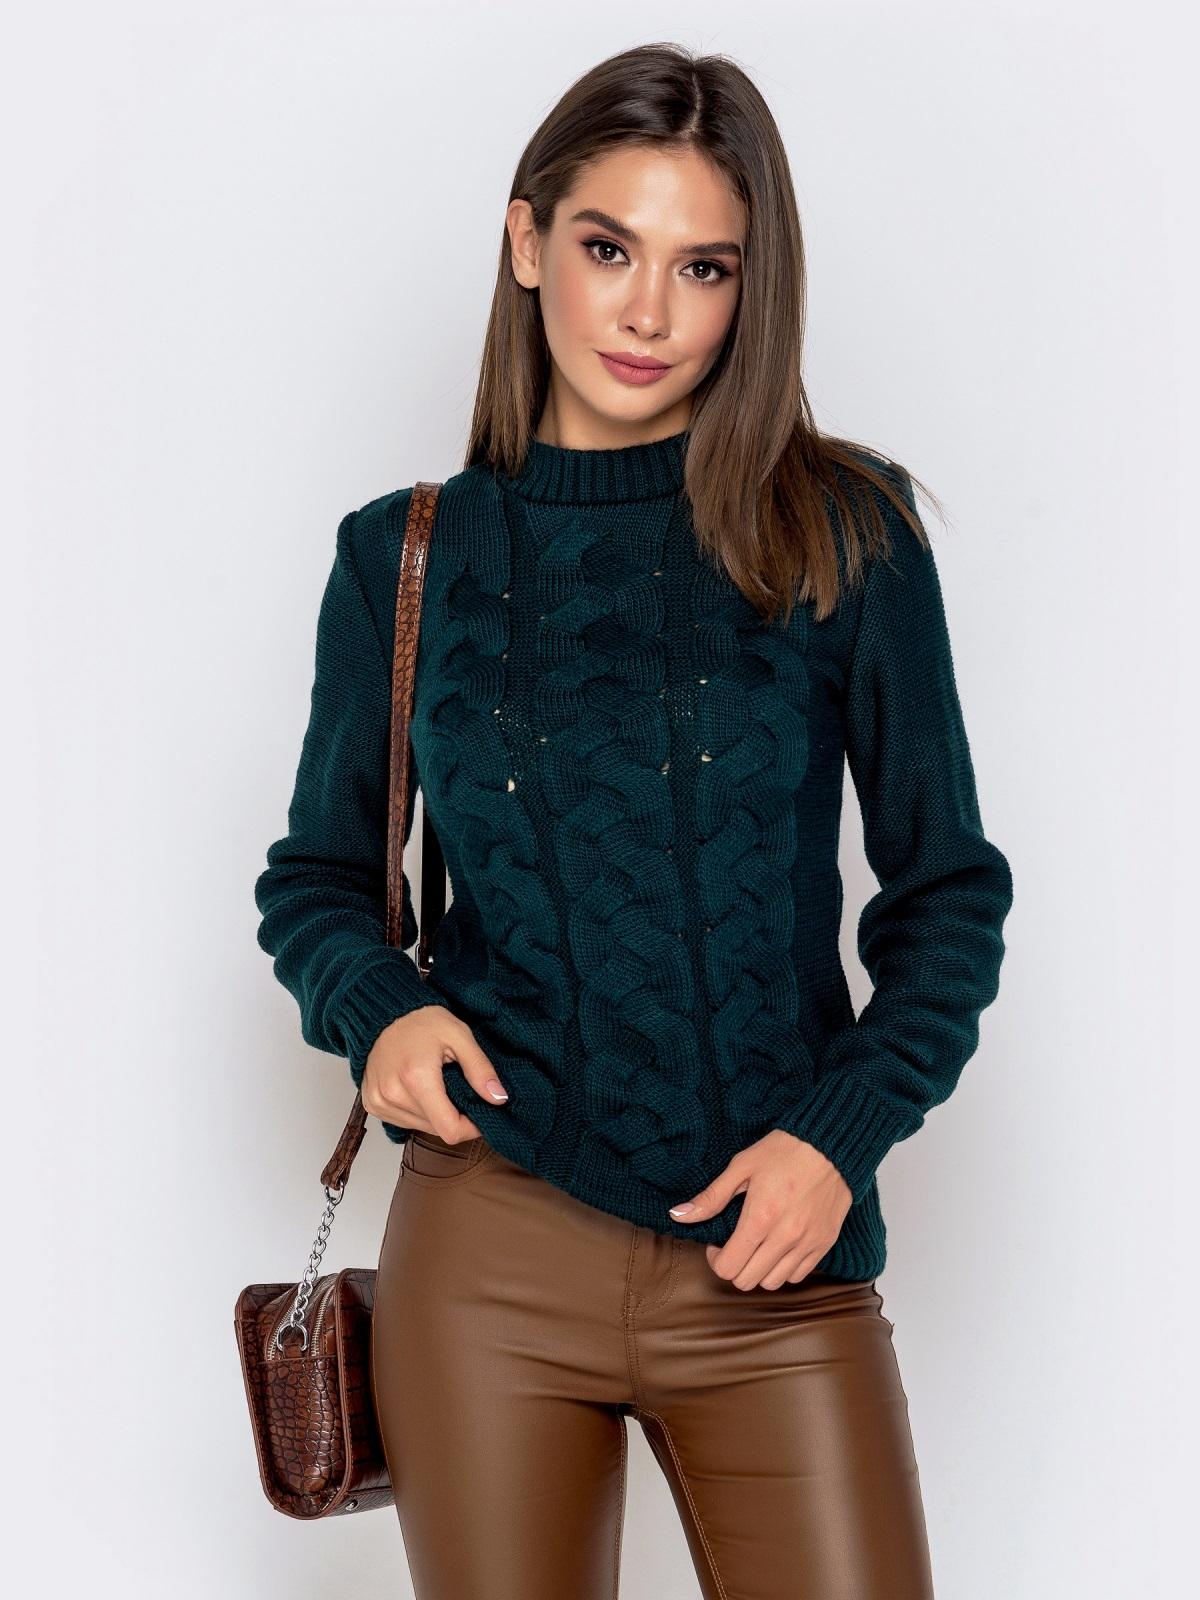 """Зеленый свитер с узором """"косы"""" 41070, фото 1"""